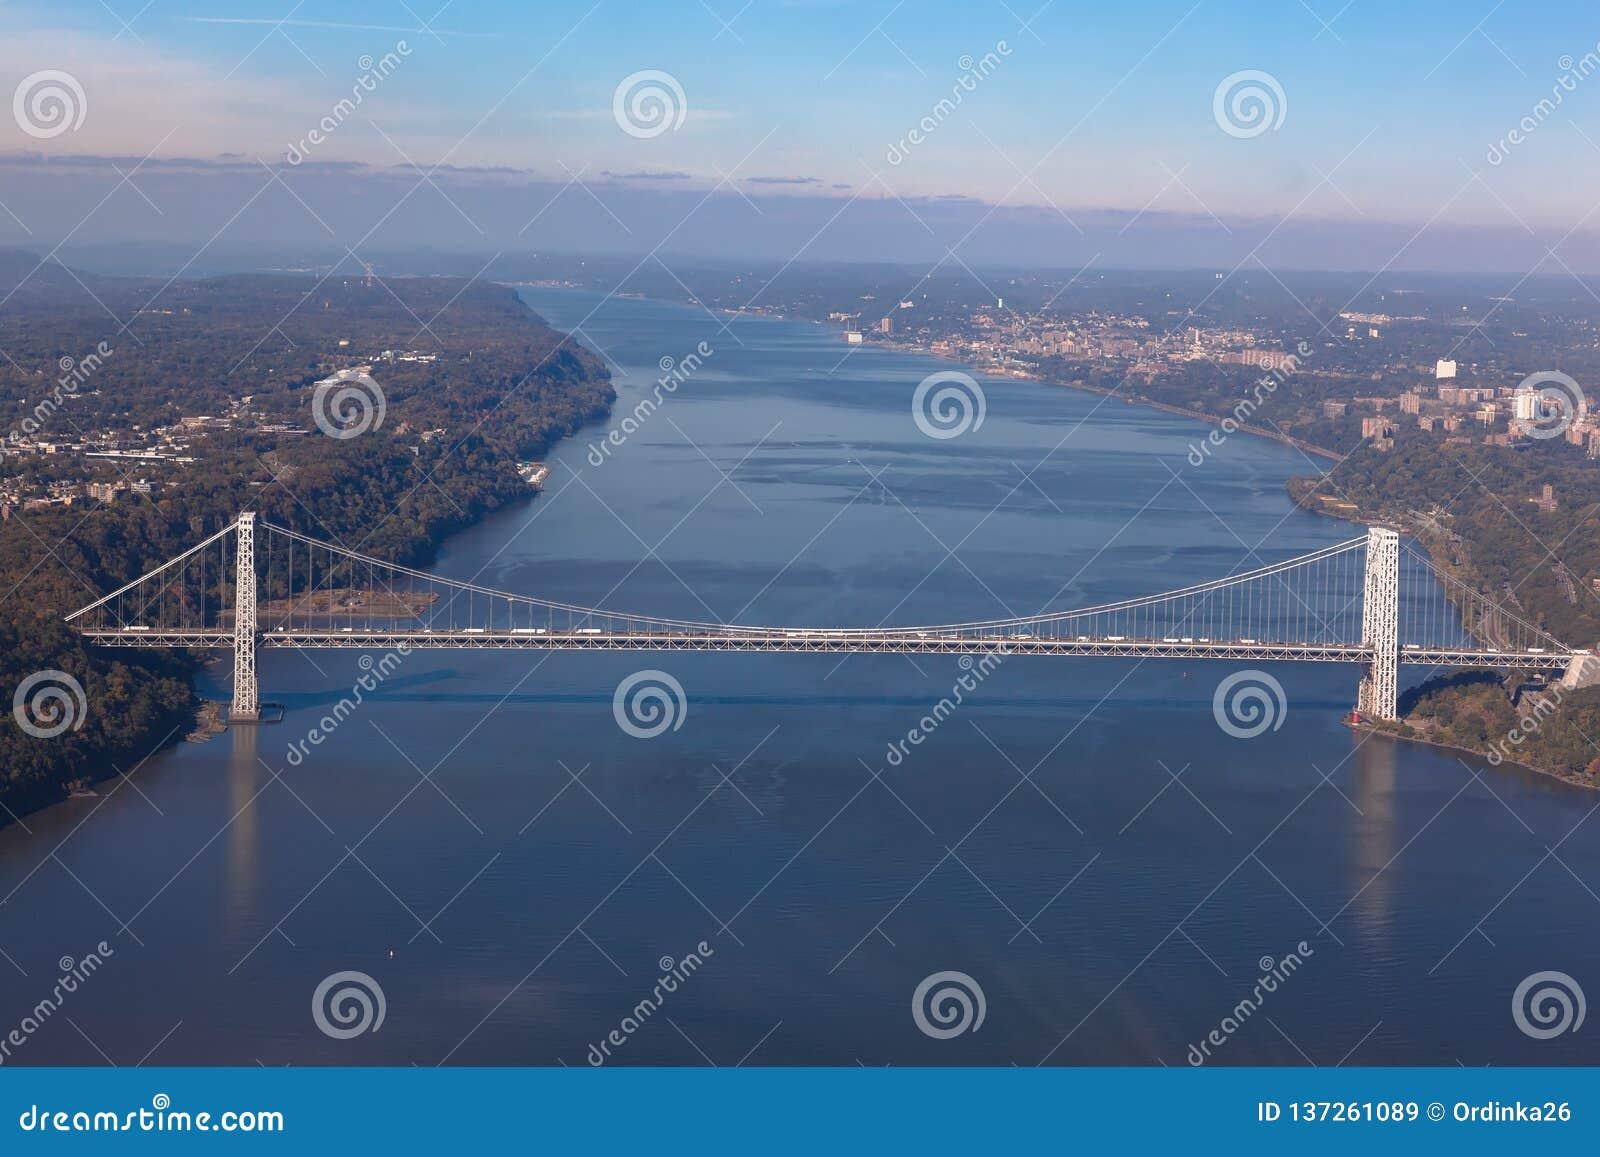 Puente de George Washington en Nueva York en los E.E.U.U. Opinión aérea del helicóptero Visión general